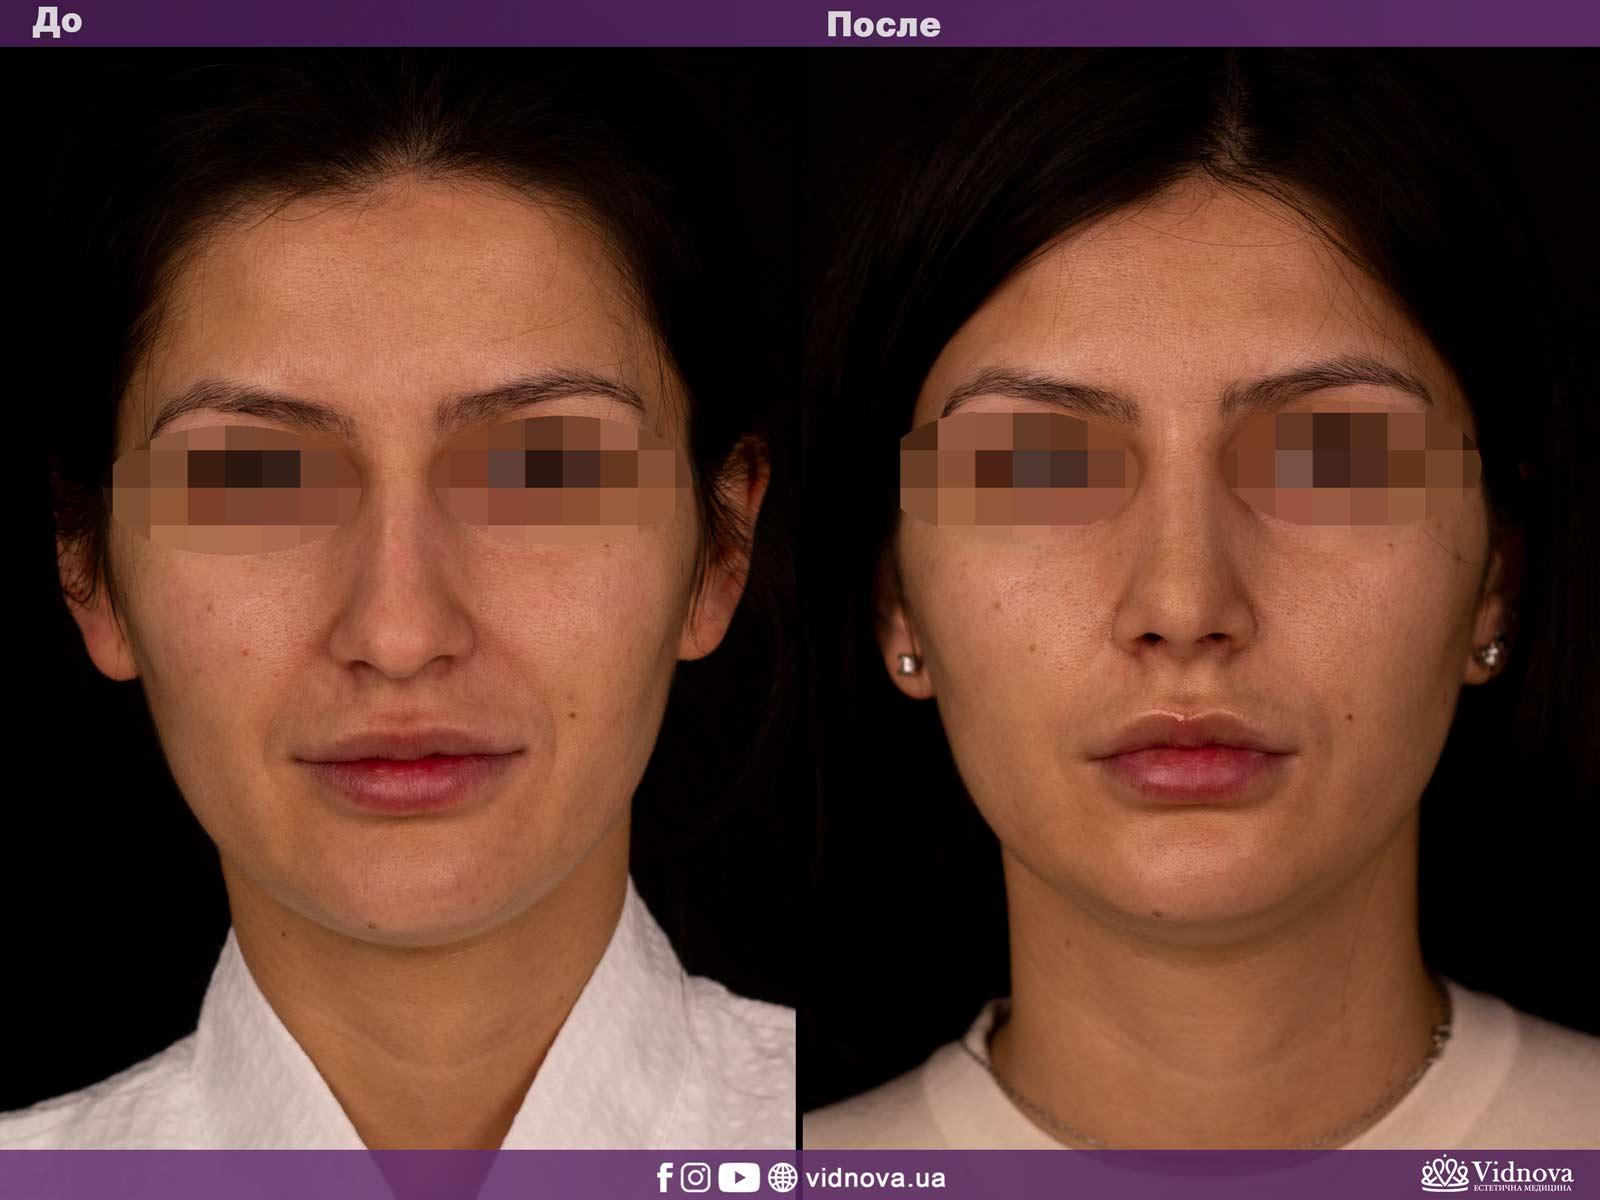 Ринопластика: Фото ДО и ПОСЛЕ - Пример №2-1 - Клиника Vidnova